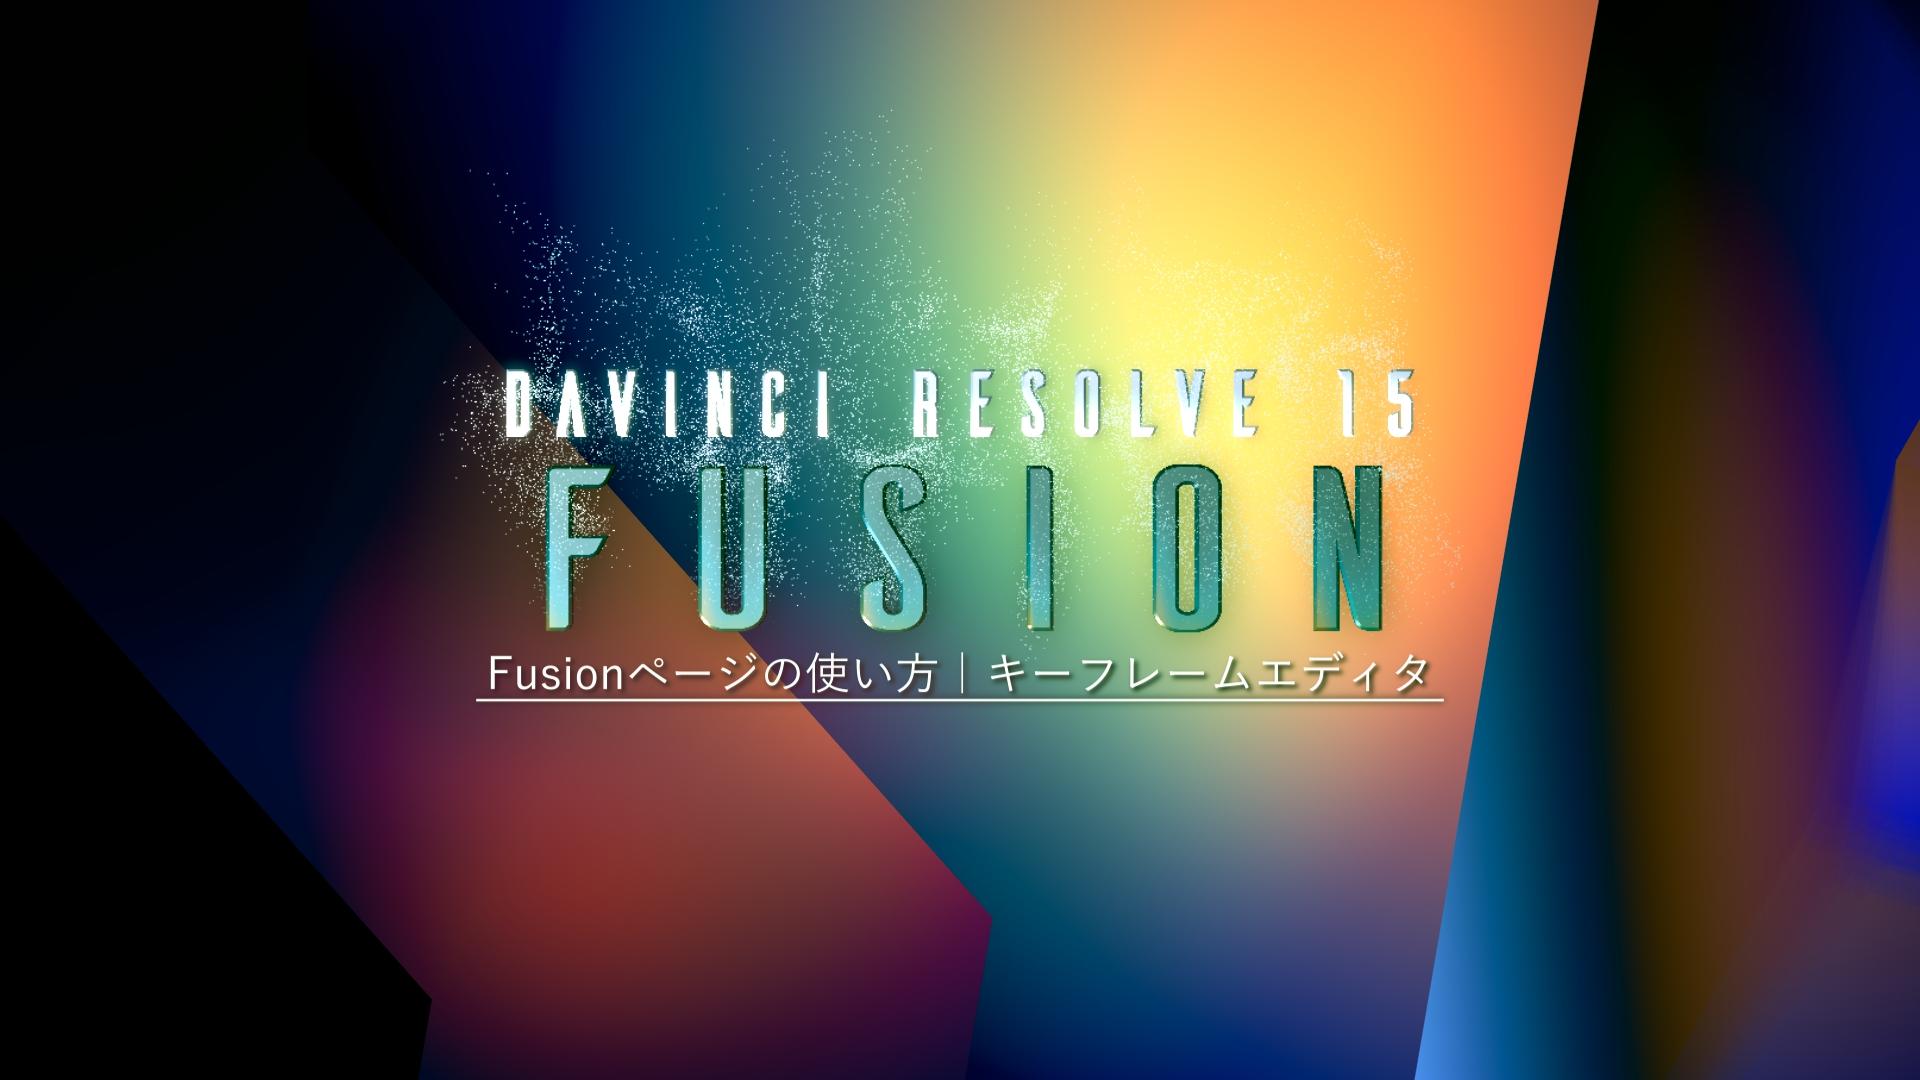 DaVinci Resolve 15 Fusion の 使い方 (4) キーフレームエディタ